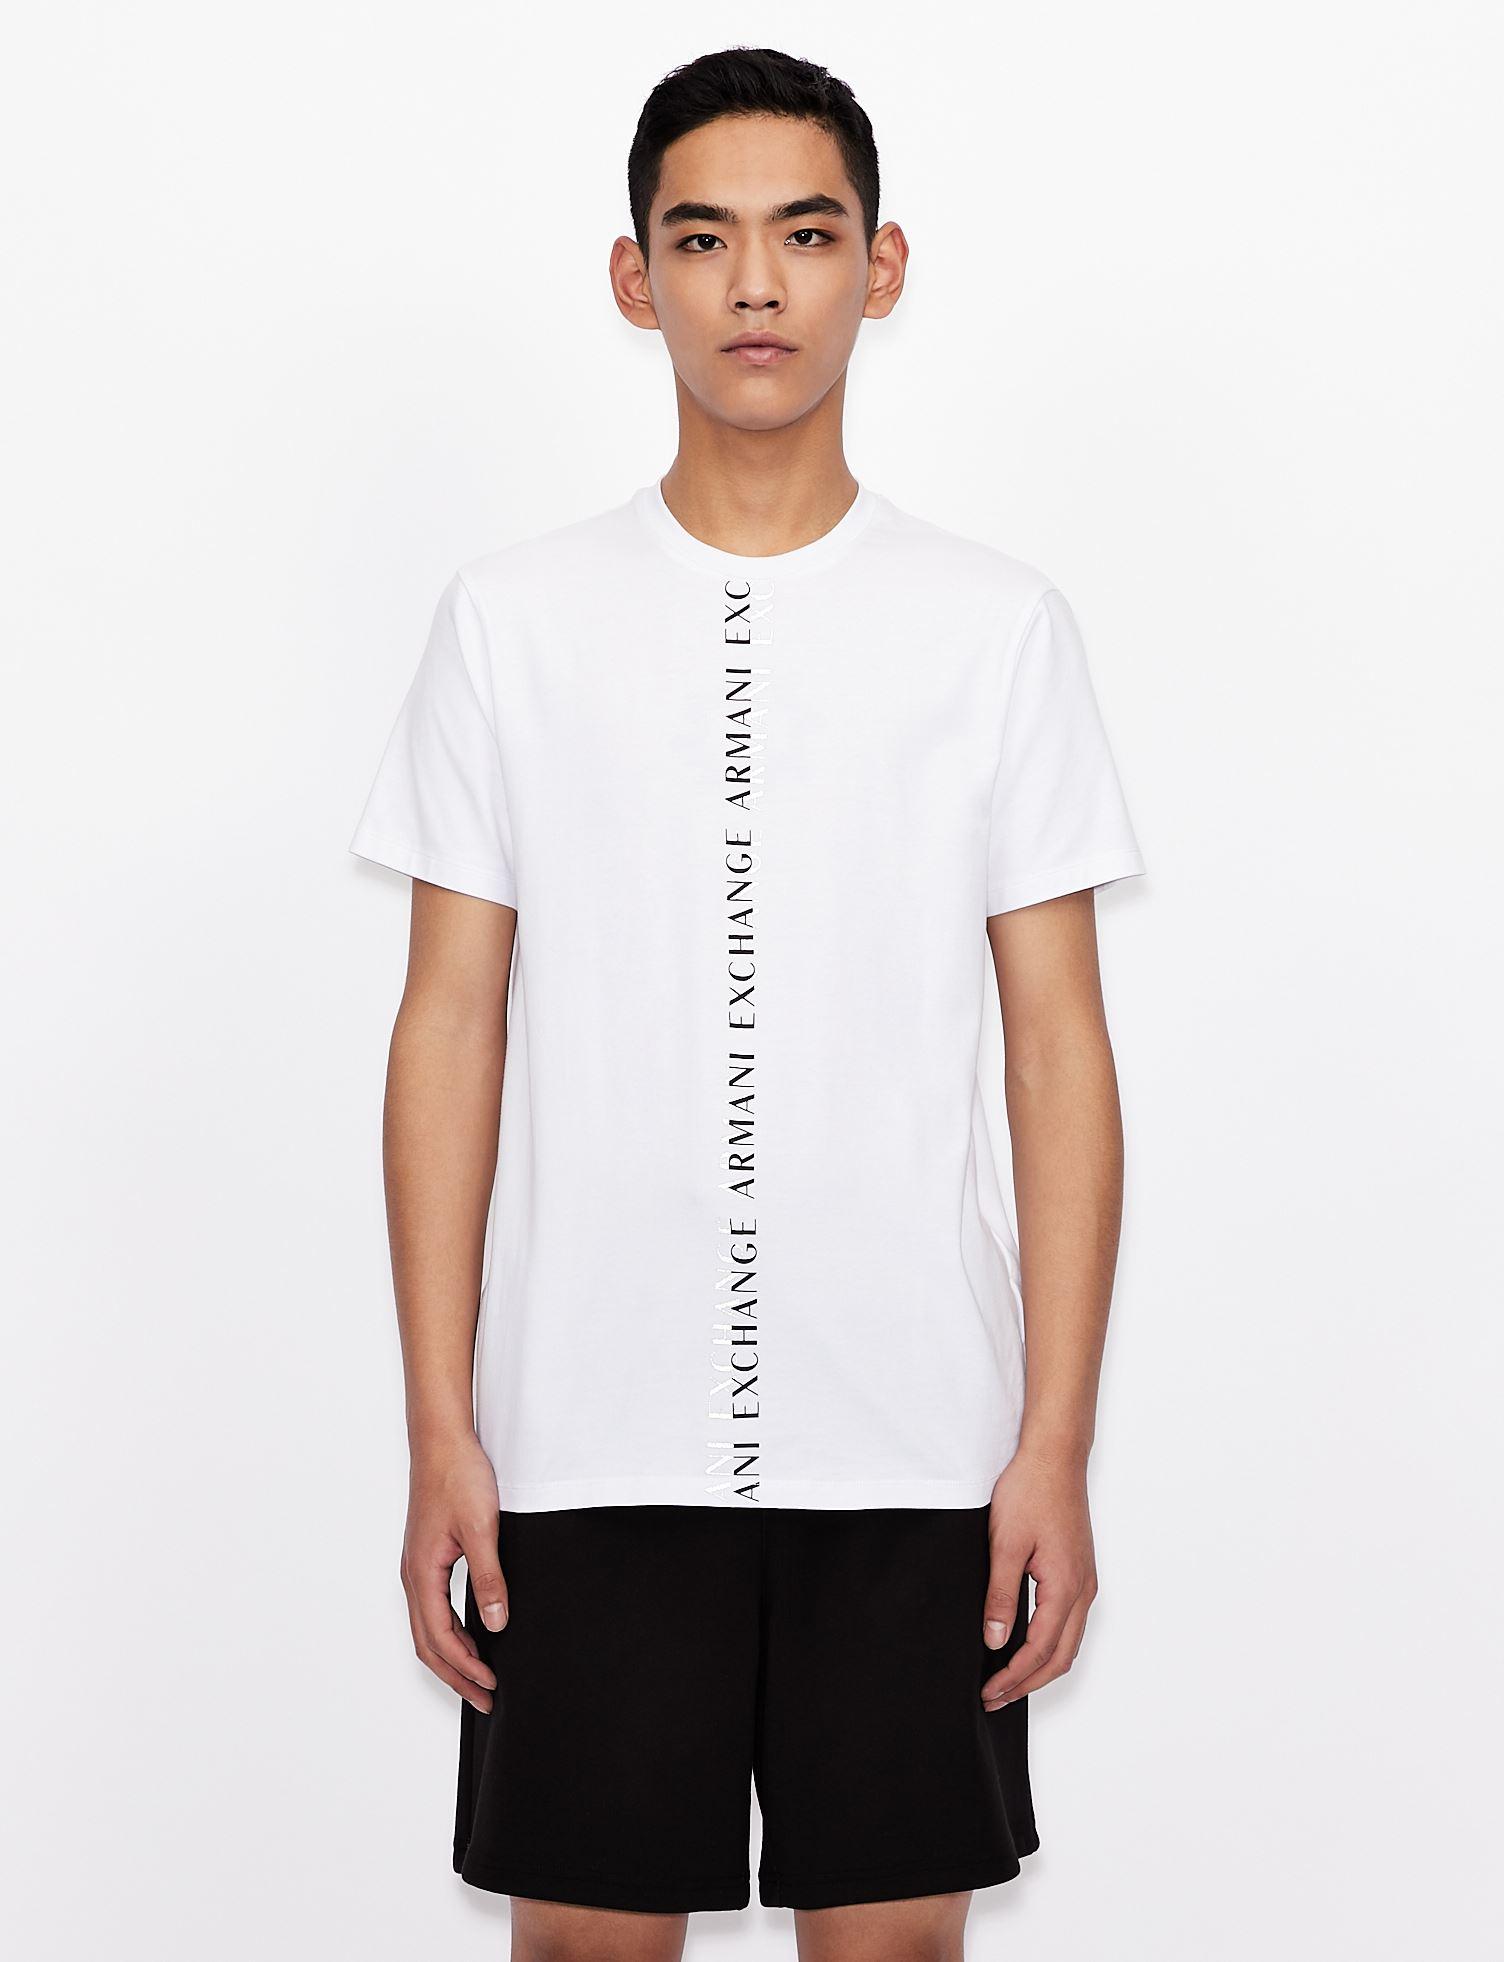 T-shirt slim fit Armani Exchange ARMANI EXCHANGE   T-shirt   3KZTFL-ZJEAZ1100